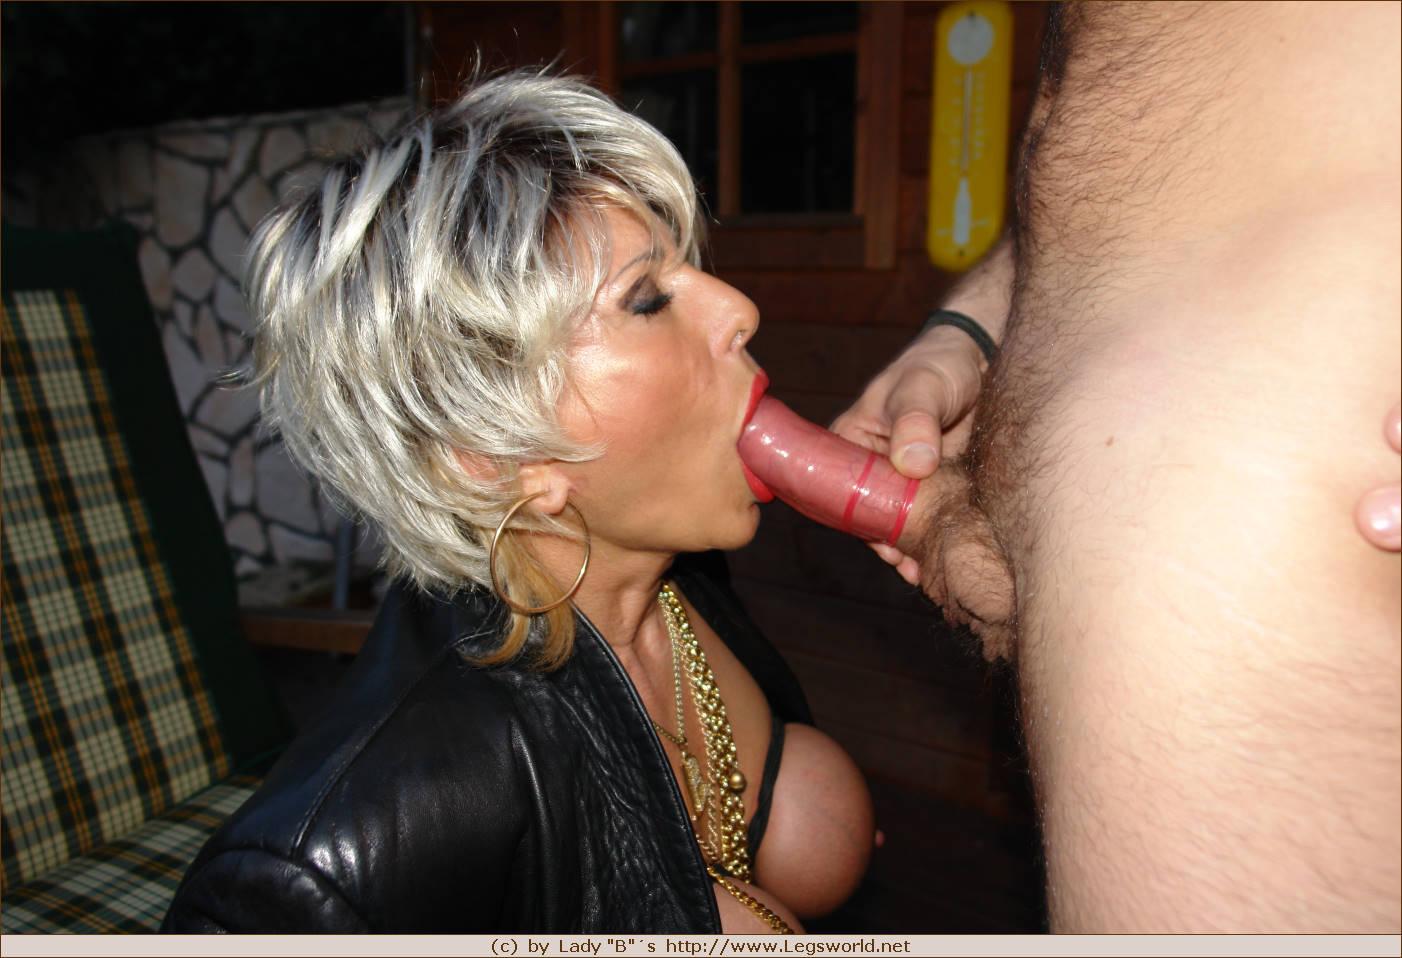 Хочу недорогую проститутку в питере без презерватива